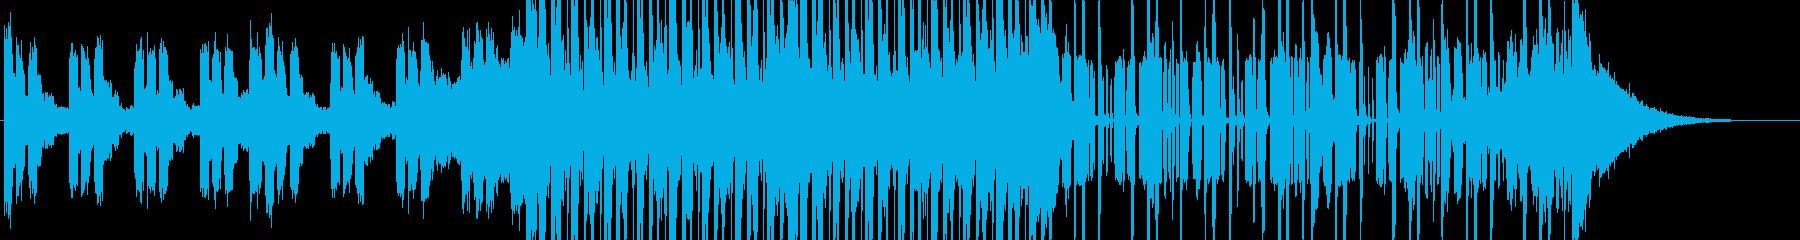 シンセ主体なエレクトロミュージックの再生済みの波形